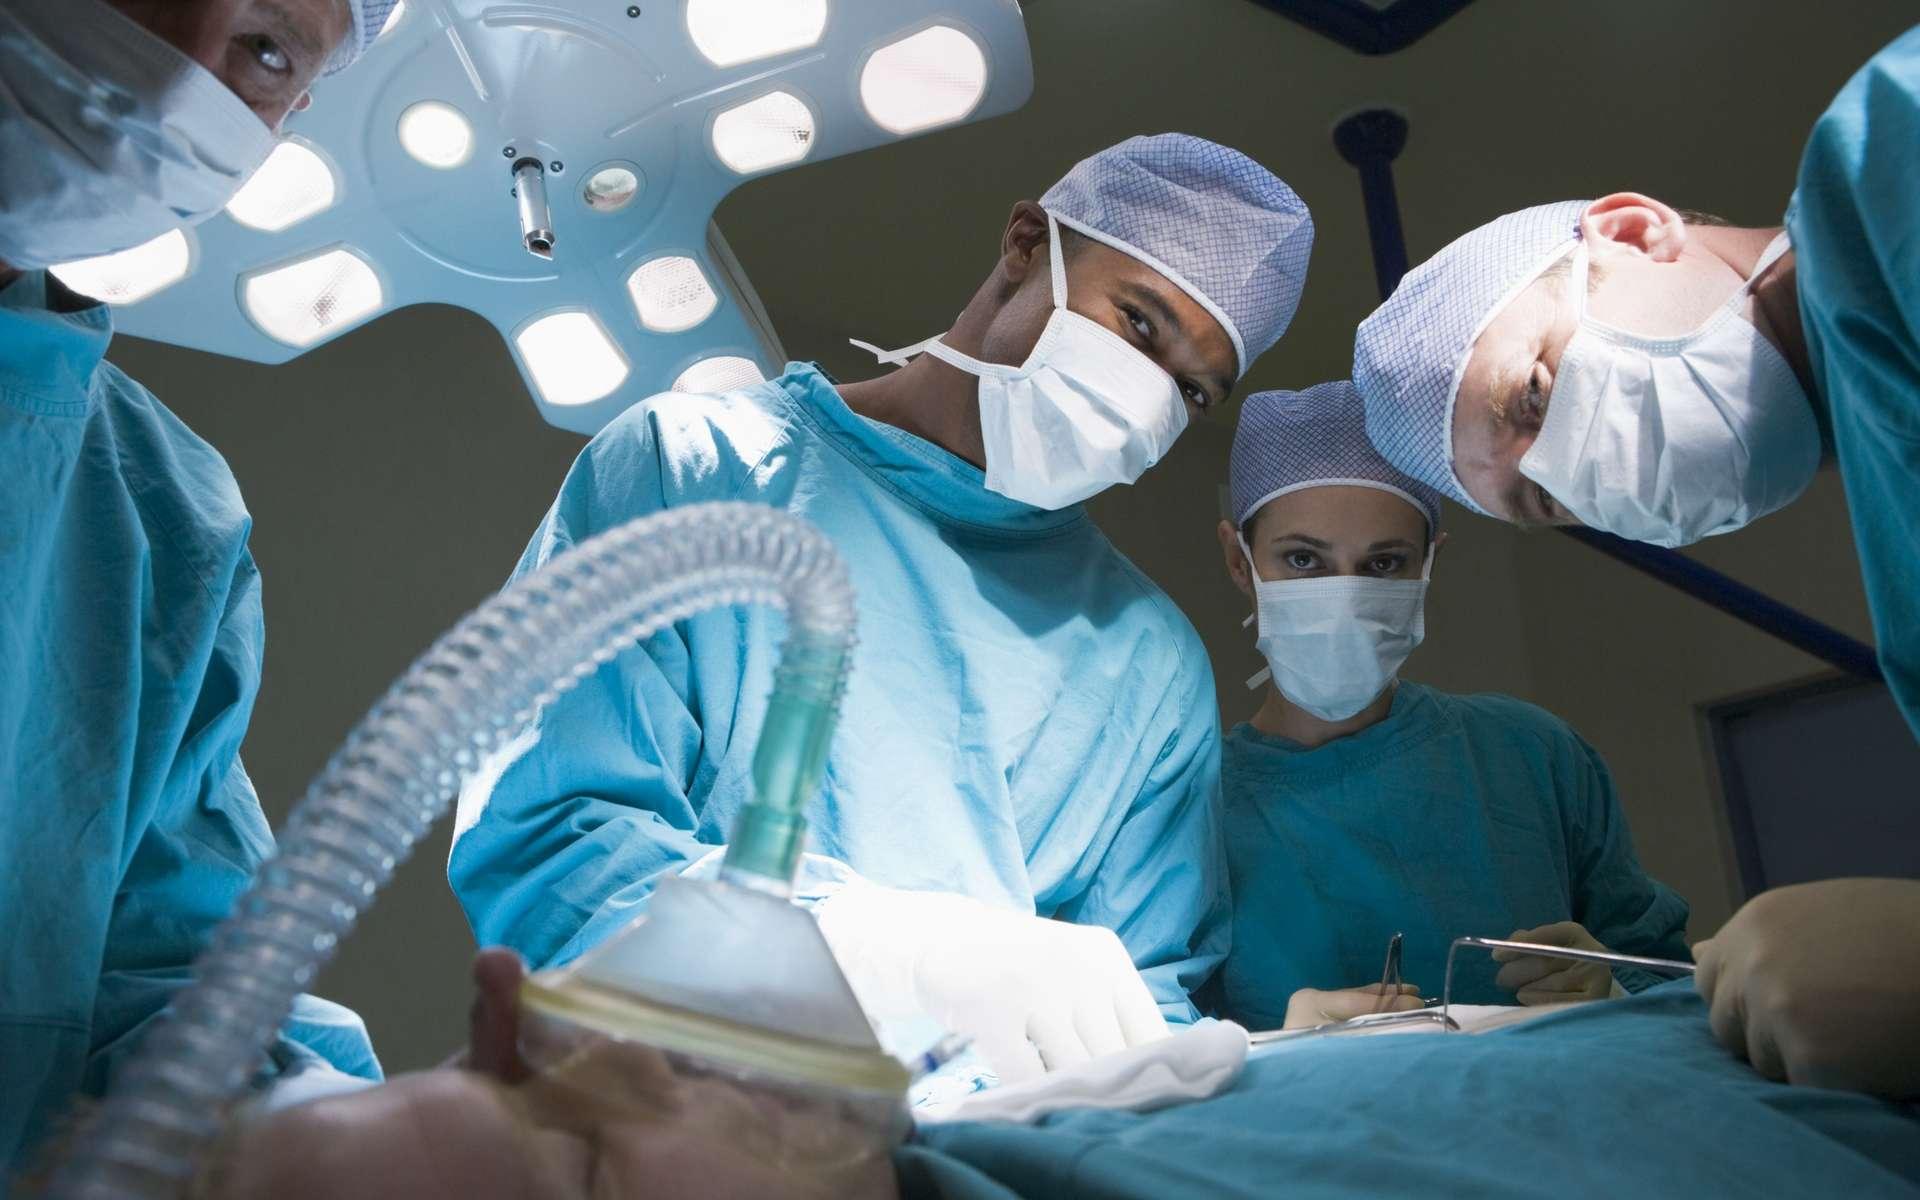 Les anesthésiques servent à endormir momentanément la douleur. © Phovoir